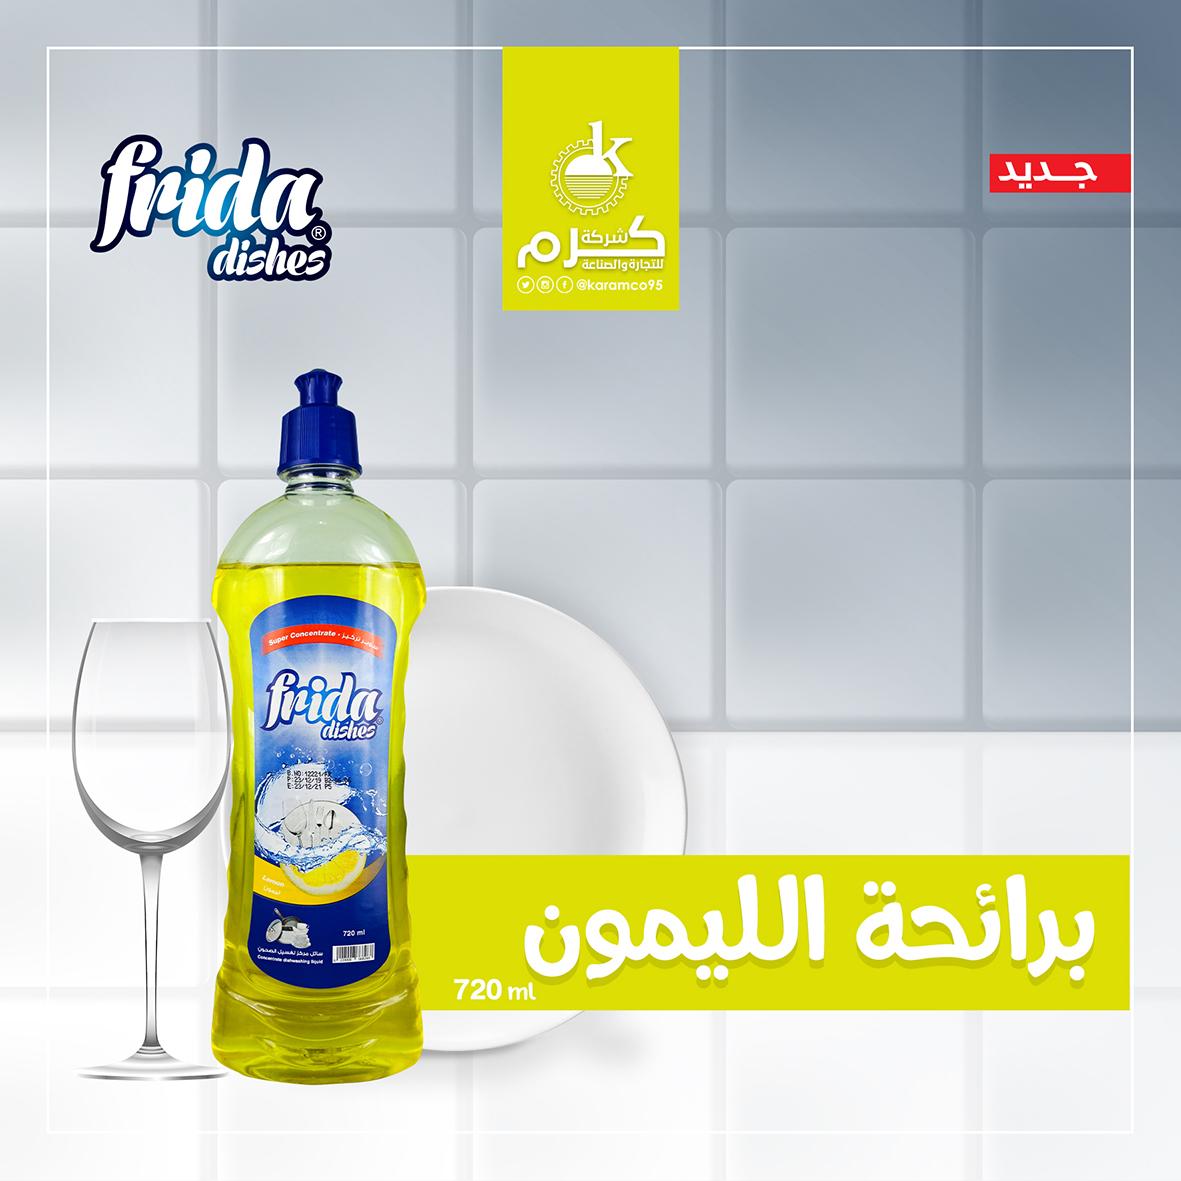 Frida Dishes (Lemon Smell) 720 Ml